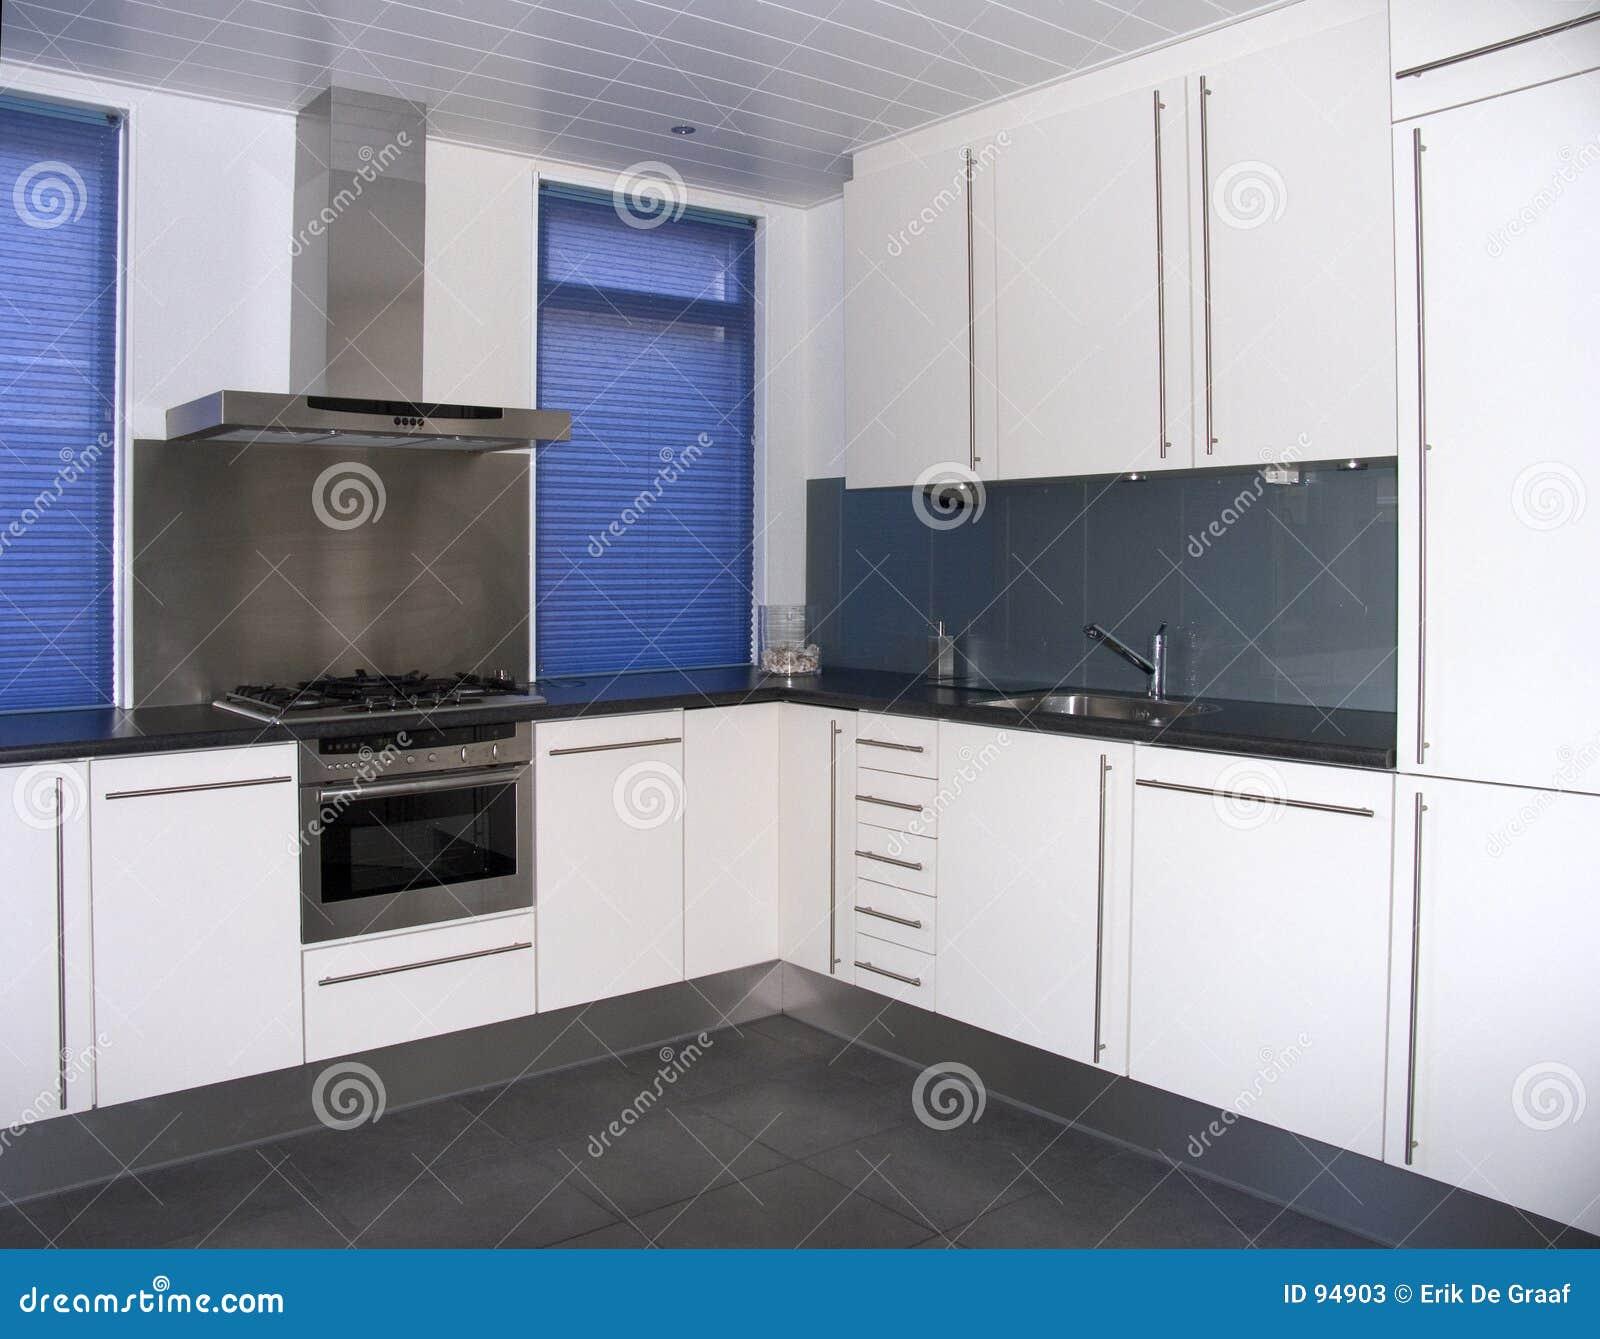 Moderne keuken stock afbeelding afbeelding bestaande uit binnenlands 94903 - Moderne keukenfotos ...